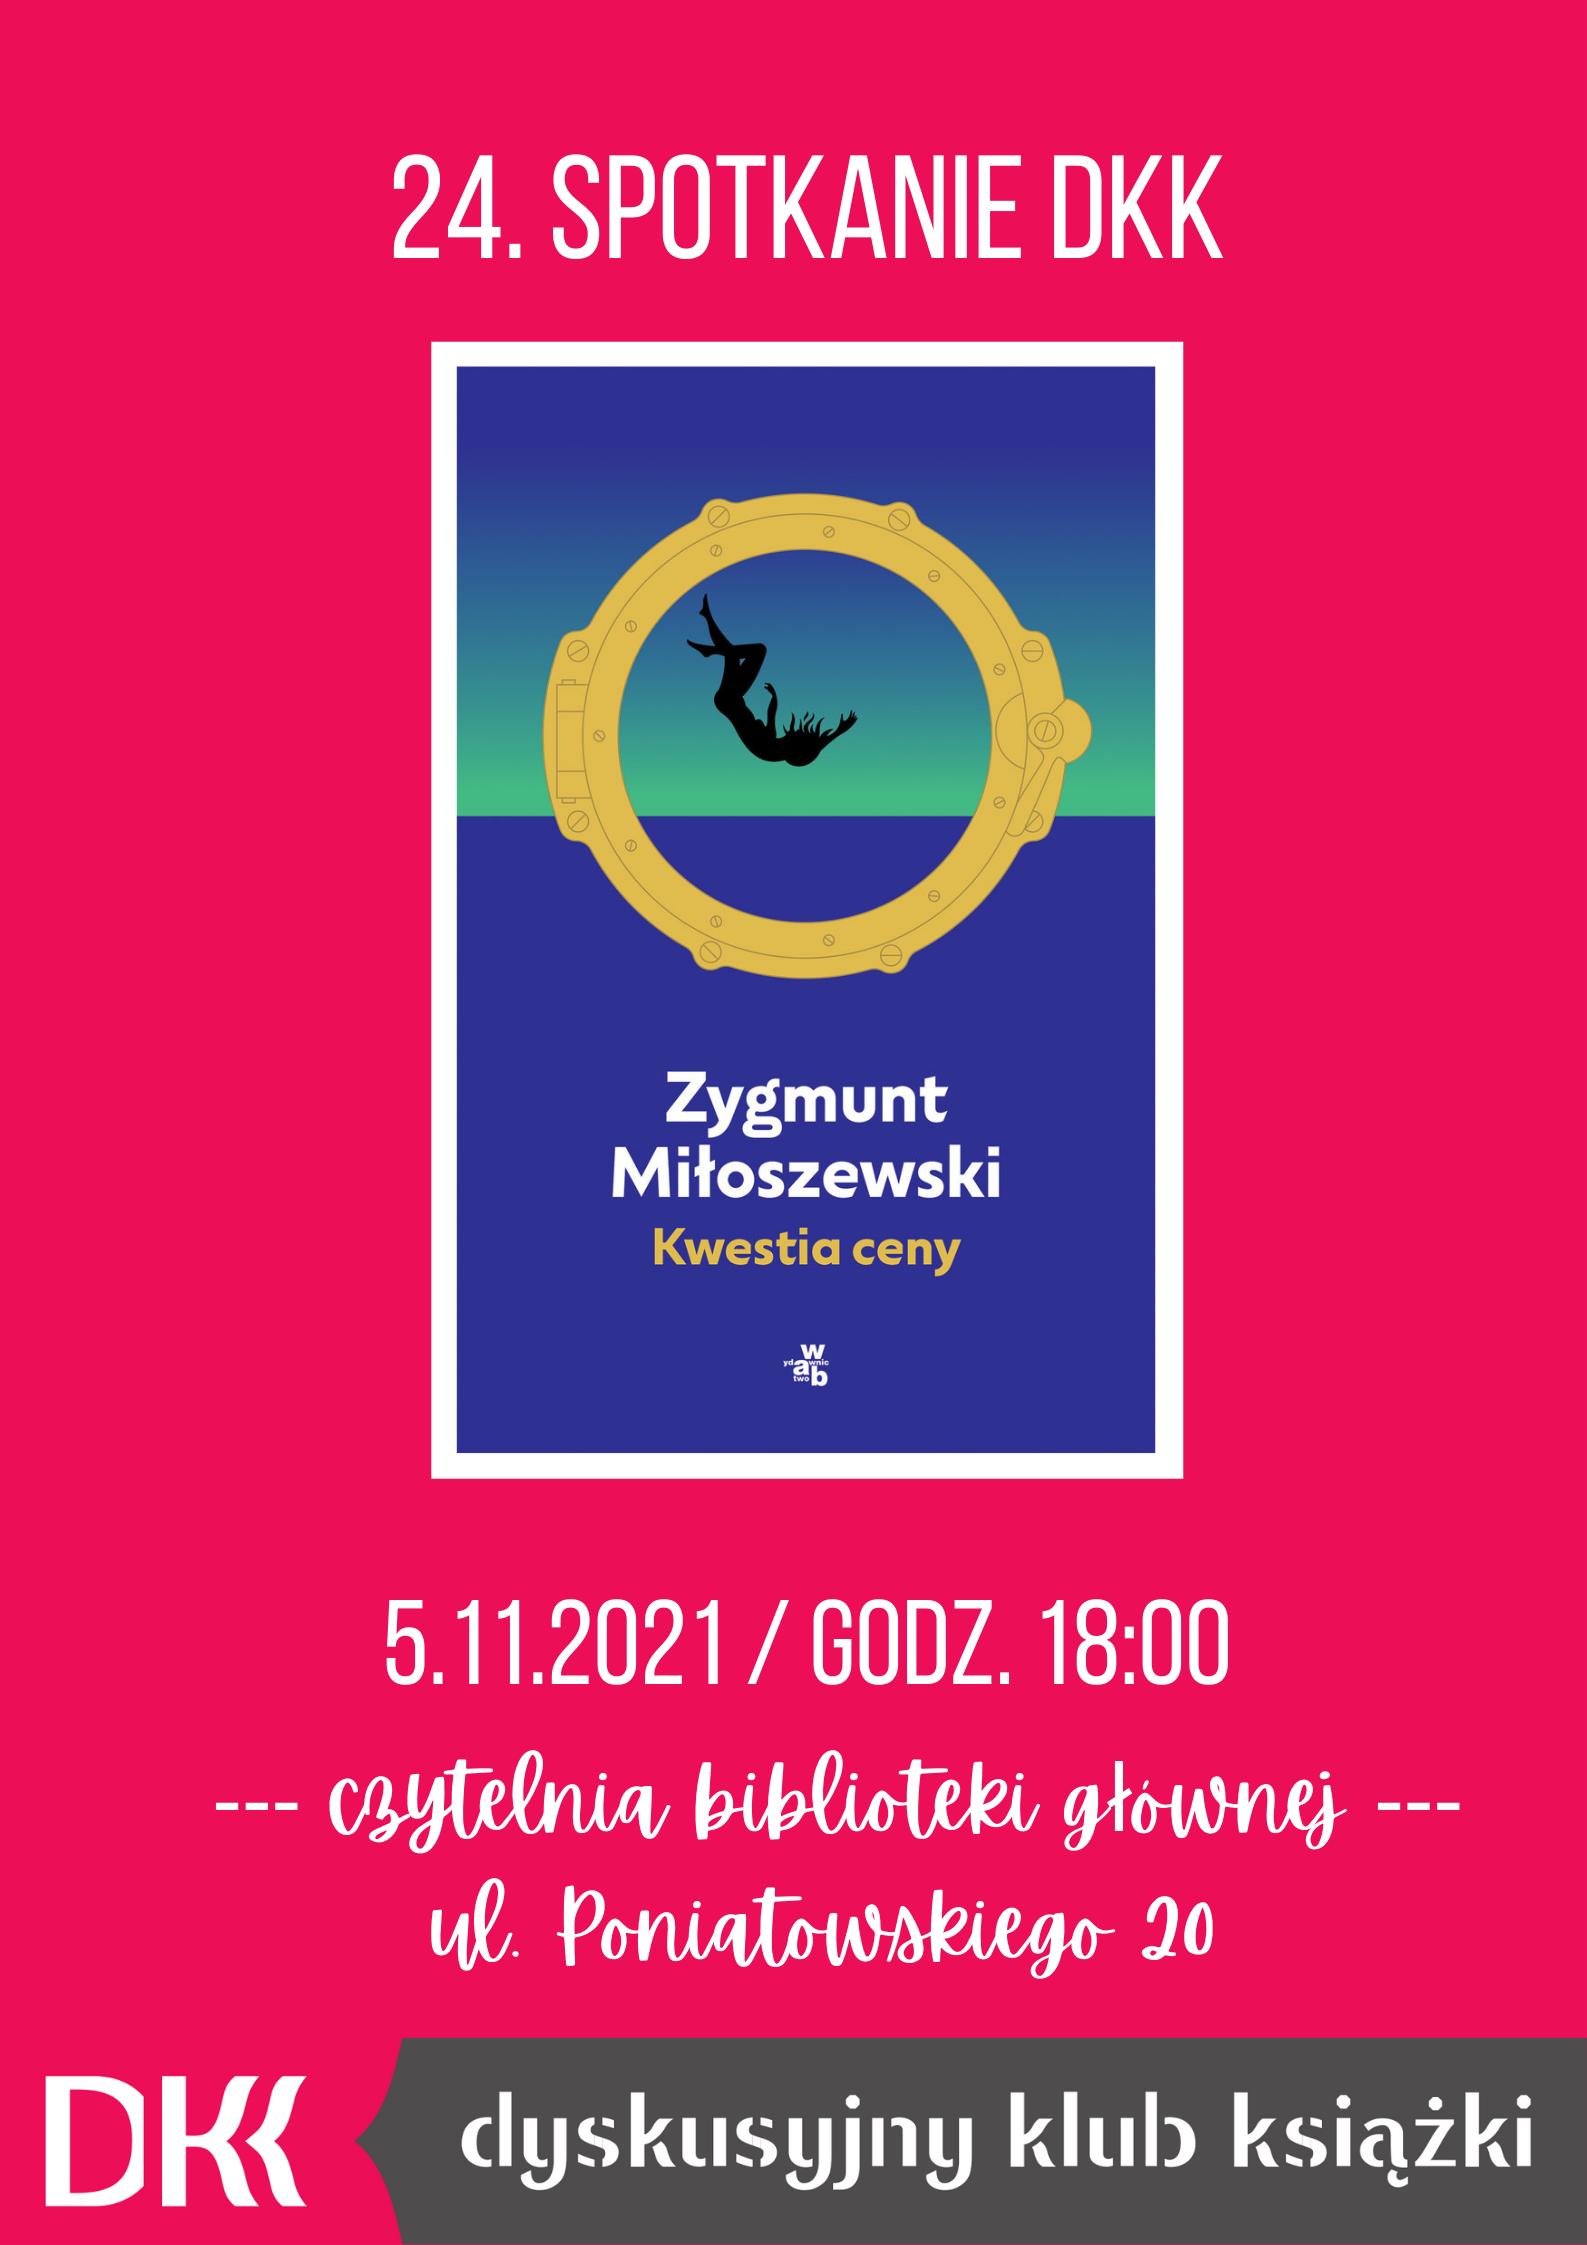 24 spotkanie Dyskusyjnego Klubu Książki - plakat